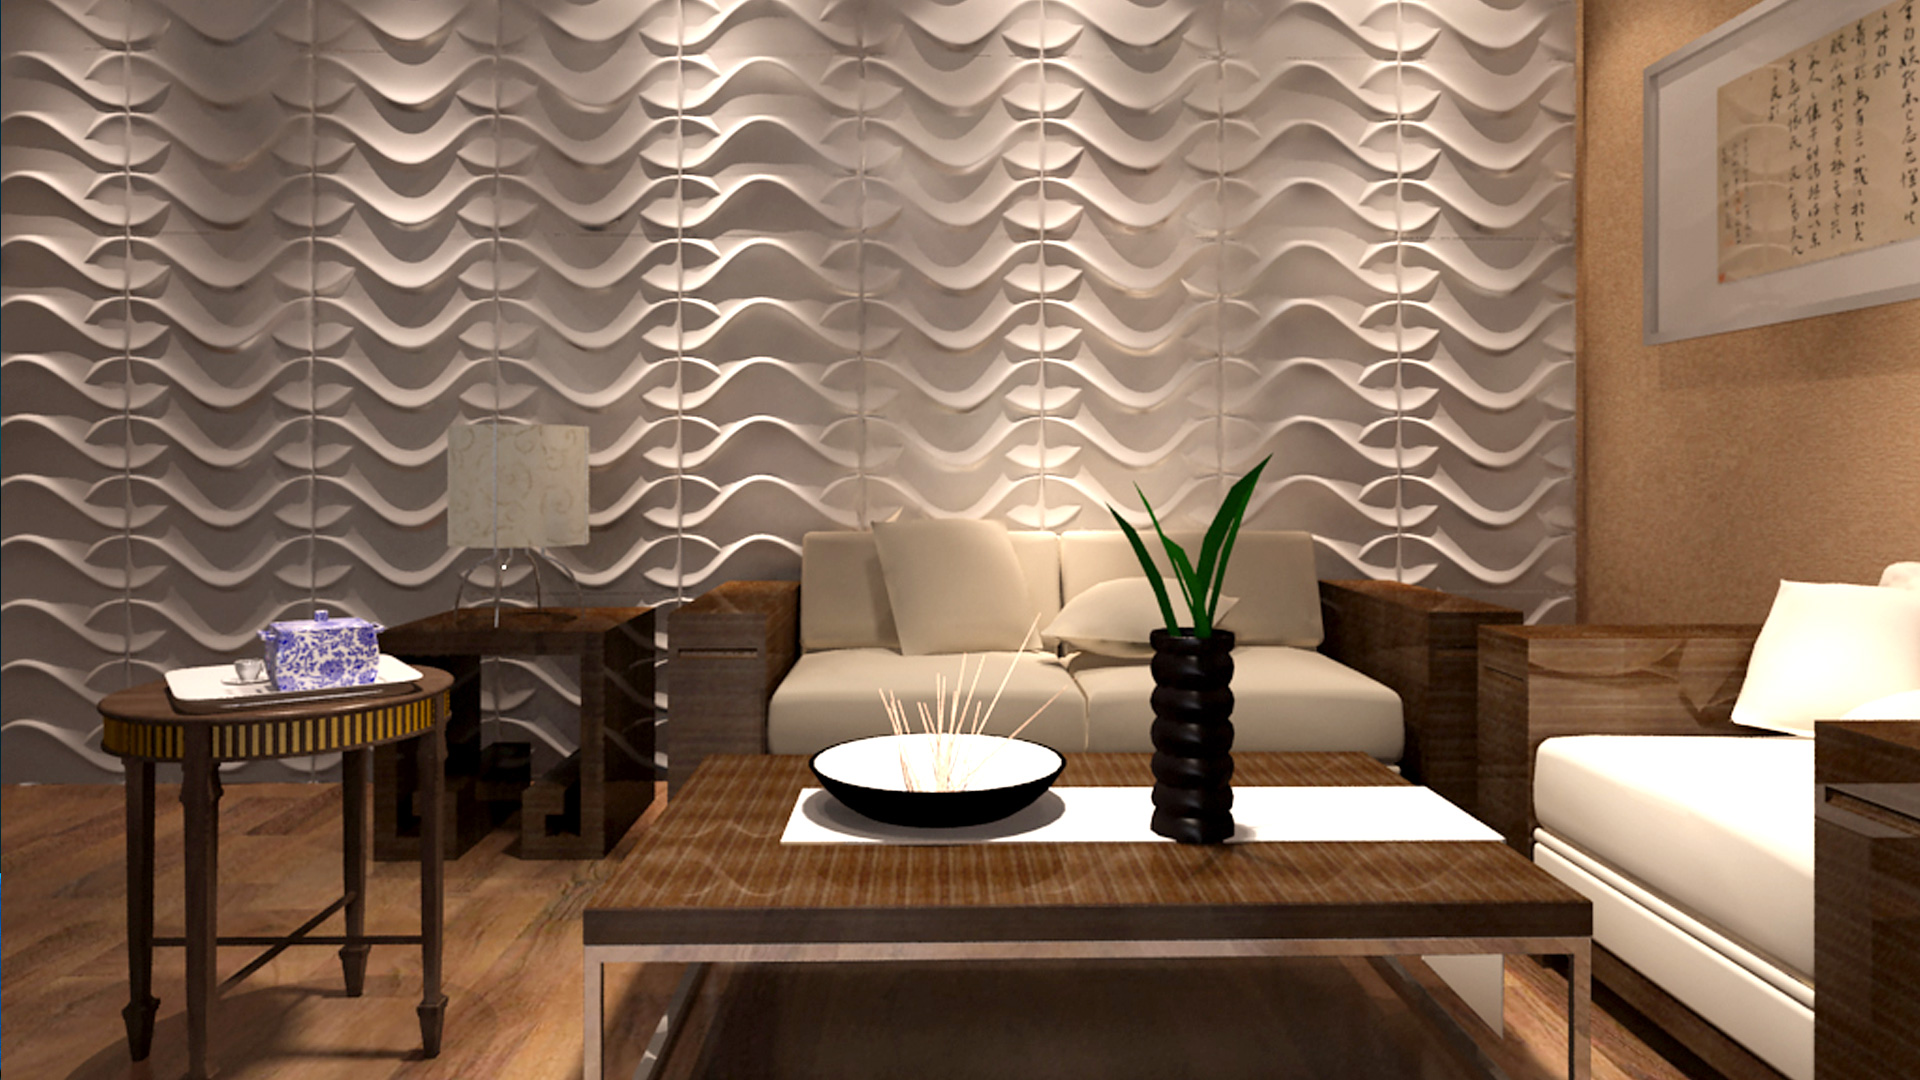 Design Ideen O 3d Wandpaneele Deckenpaneele Wandverkleidung Aus ...